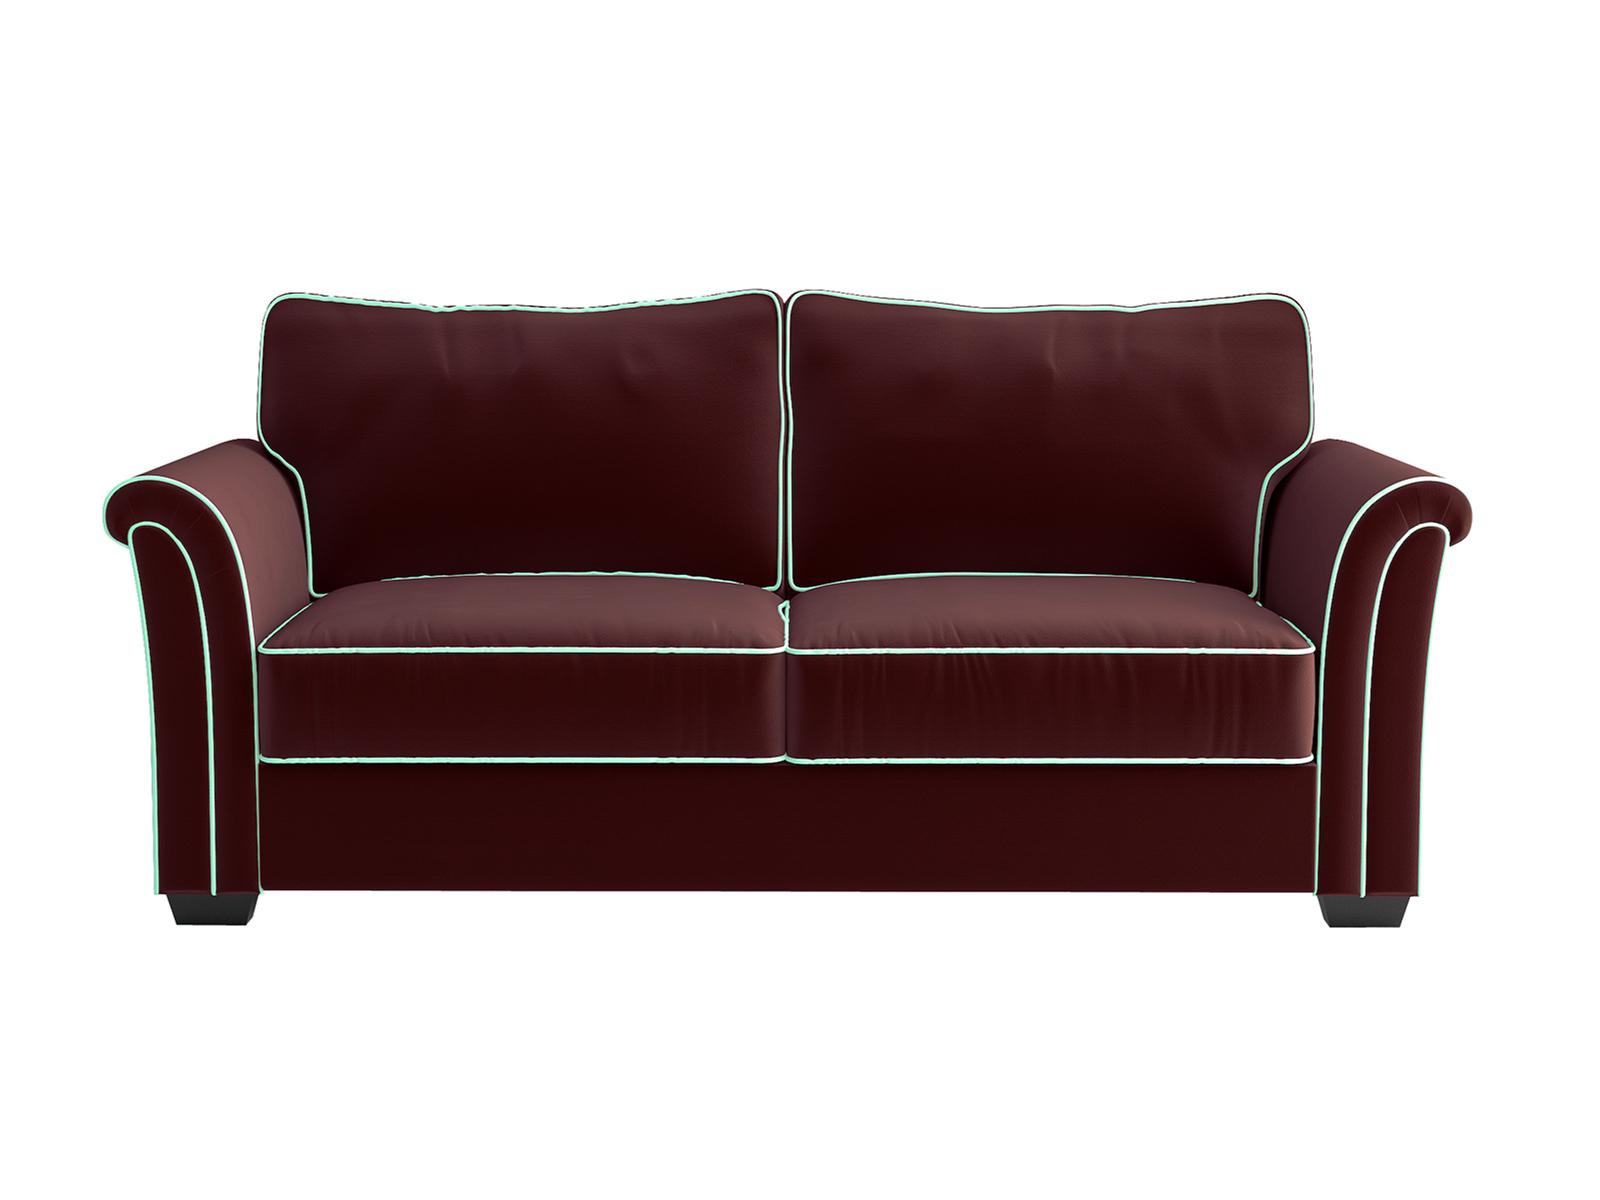 Диван-кровать SydПрямые раскладные диваны<br>&amp;lt;div&amp;gt;Диван-кровать двухместный с мягким удобным сиденьем и механизмом трансформации Sedaflex.&amp;amp;nbsp;&amp;lt;/div&amp;gt;&amp;lt;div&amp;gt;&amp;lt;br&amp;gt;&amp;lt;/div&amp;gt;&amp;lt;div&amp;gt;Материалы:&amp;lt;/div&amp;gt;&amp;lt;div&amp;gt;Каркас: деревянный брус, фанера.&amp;lt;/div&amp;gt;&amp;lt;div&amp;gt;Подушки спинок: синтетическое волокно «синтепух».&amp;lt;/div&amp;gt;&amp;lt;div&amp;gt;Подушки сидений: пенополиуретан, синтепон, пружинный блок.&amp;lt;/div&amp;gt;&amp;lt;div&amp;gt;Лицевые чехлы подушек съёмные.&amp;lt;/div&amp;gt;&amp;lt;div&amp;gt;Обивка: 100% полиэстер.&amp;lt;/div&amp;gt;&amp;lt;div&amp;gt;&amp;lt;br&amp;gt;&amp;lt;/div&amp;gt;&amp;lt;div&amp;gt;Ширина сиденья:158 см&amp;lt;/div&amp;gt;&amp;lt;div&amp;gt;Глубина сиденья:57 см&amp;lt;/div&amp;gt;&amp;lt;div&amp;gt;Высота сиденья:48 см&amp;lt;/div&amp;gt;&amp;lt;div&amp;gt;Высота подлокотников:75 см&amp;lt;/div&amp;gt;&amp;lt;div&amp;gt;Размер спального места 184х133 см.&amp;lt;/div&amp;gt;<br><br>Material: Текстиль<br>Width см: 205<br>Depth см: 103<br>Height см: 97